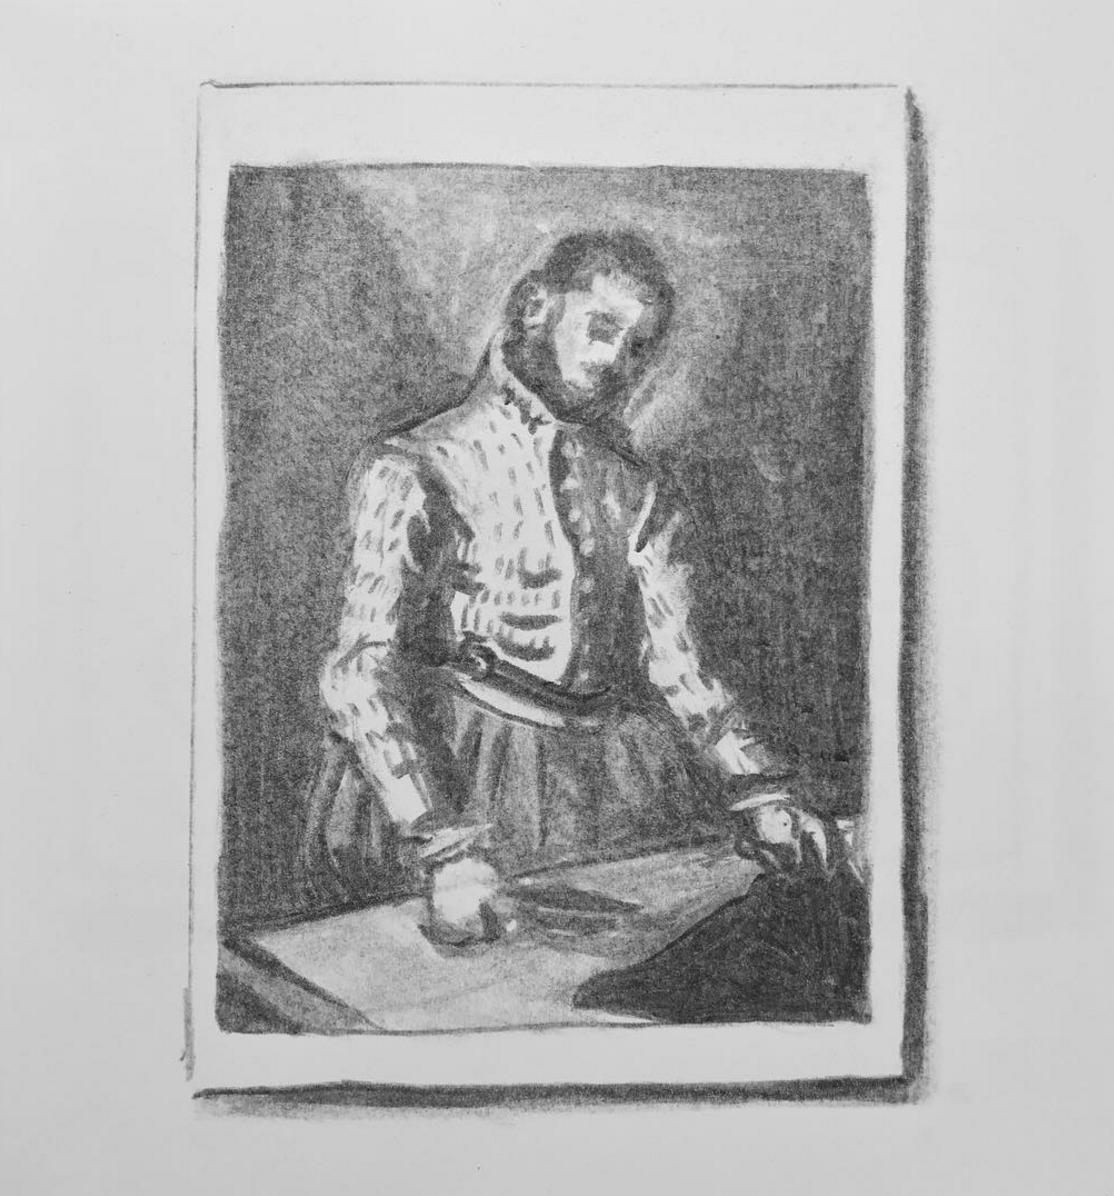 """Postcard of Giovanni Battista Moroni's """"The Tailor"""""""